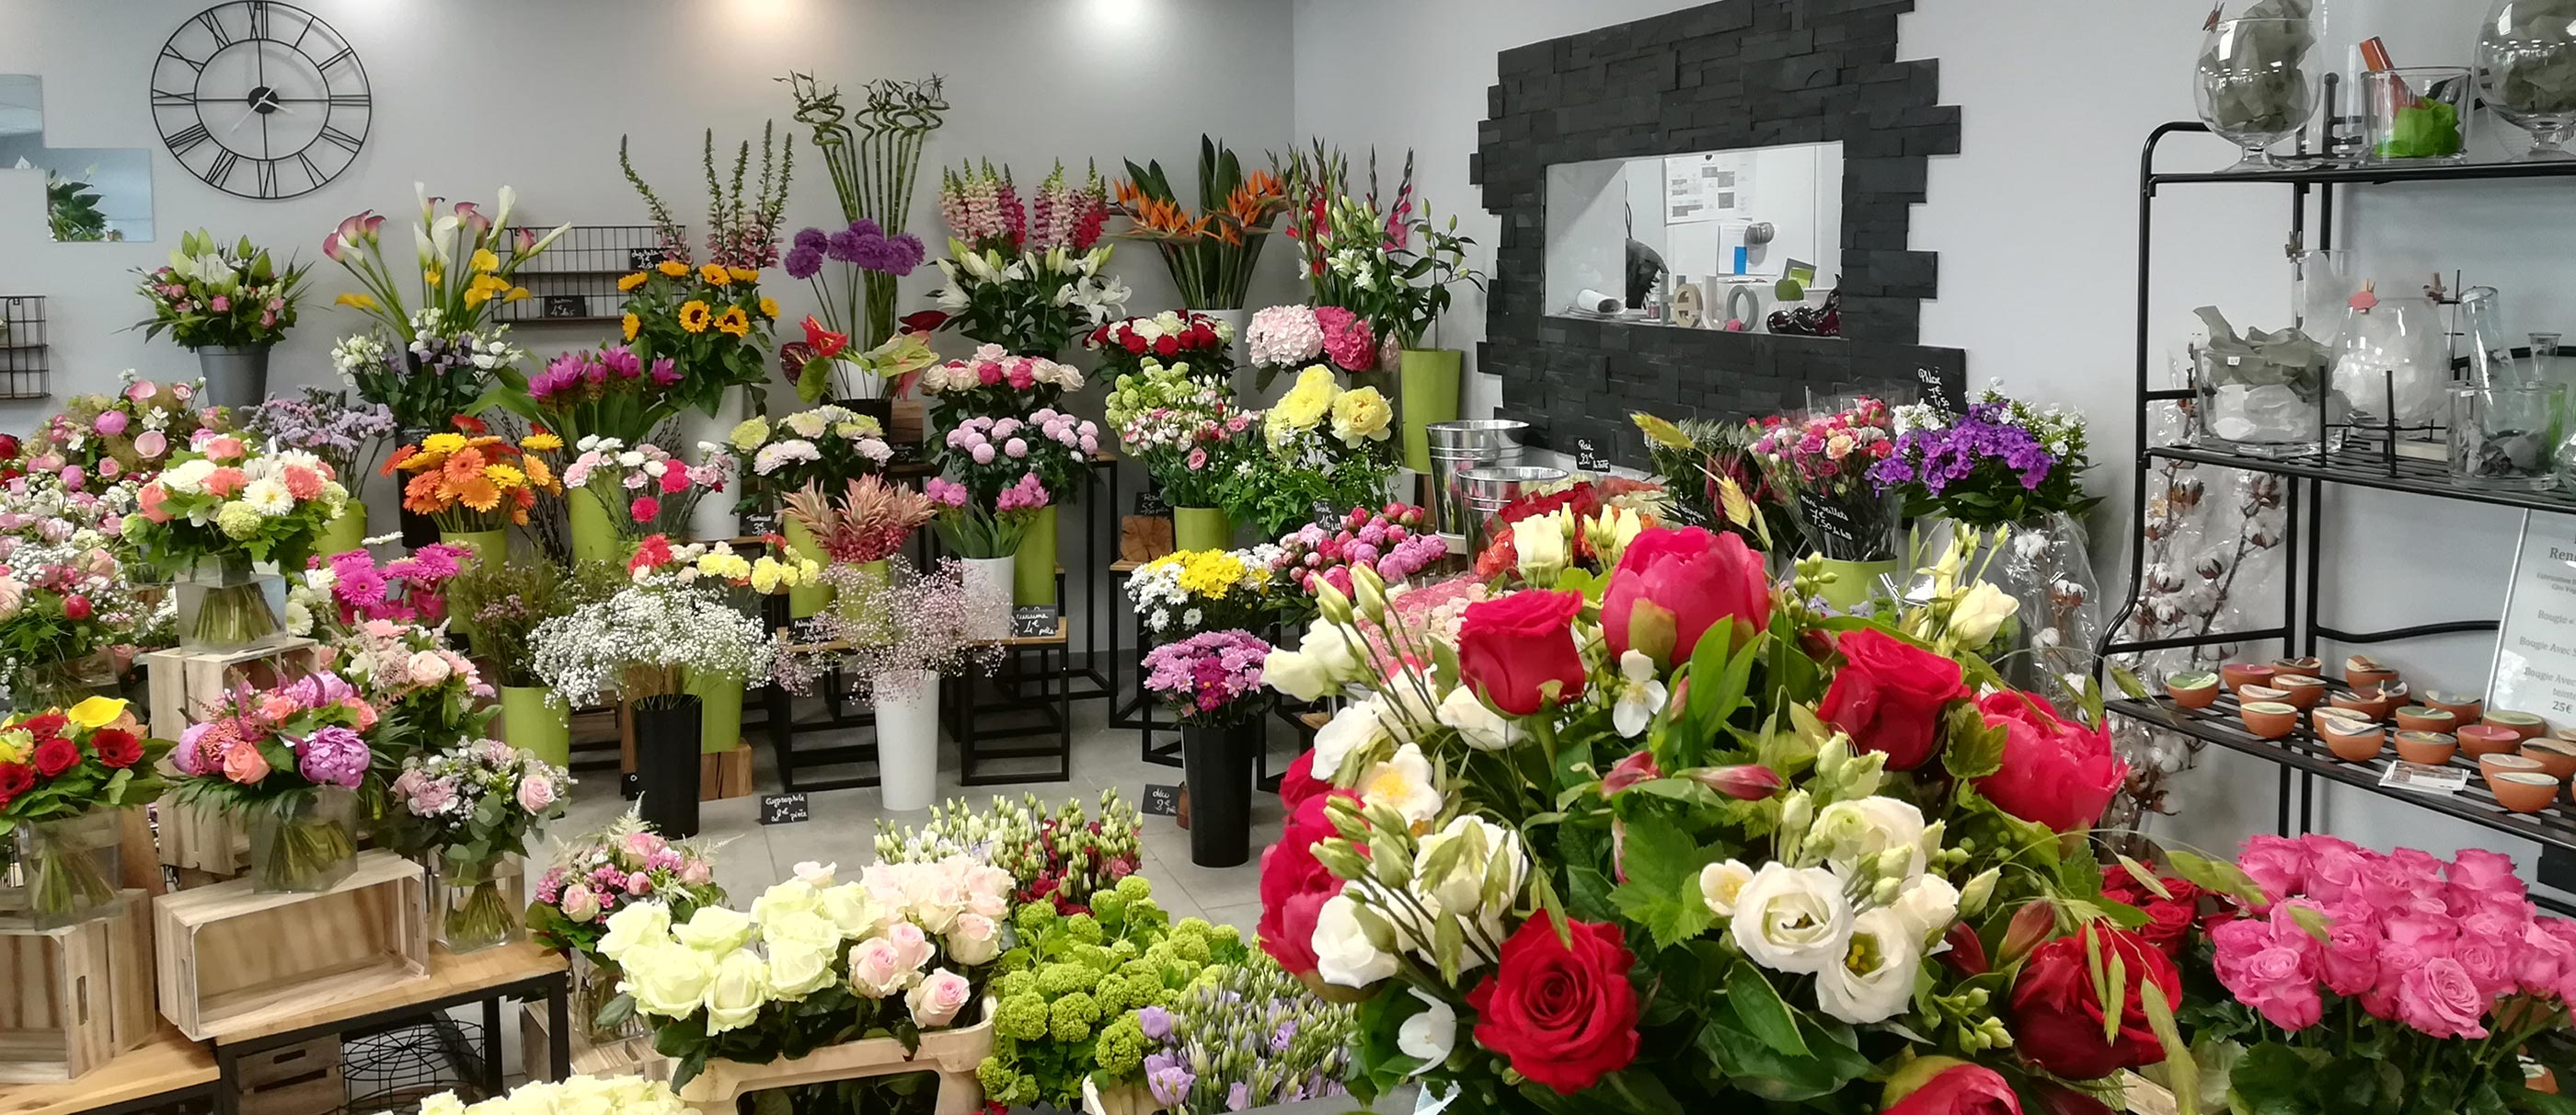 Fleuriste : Un jour une fleur